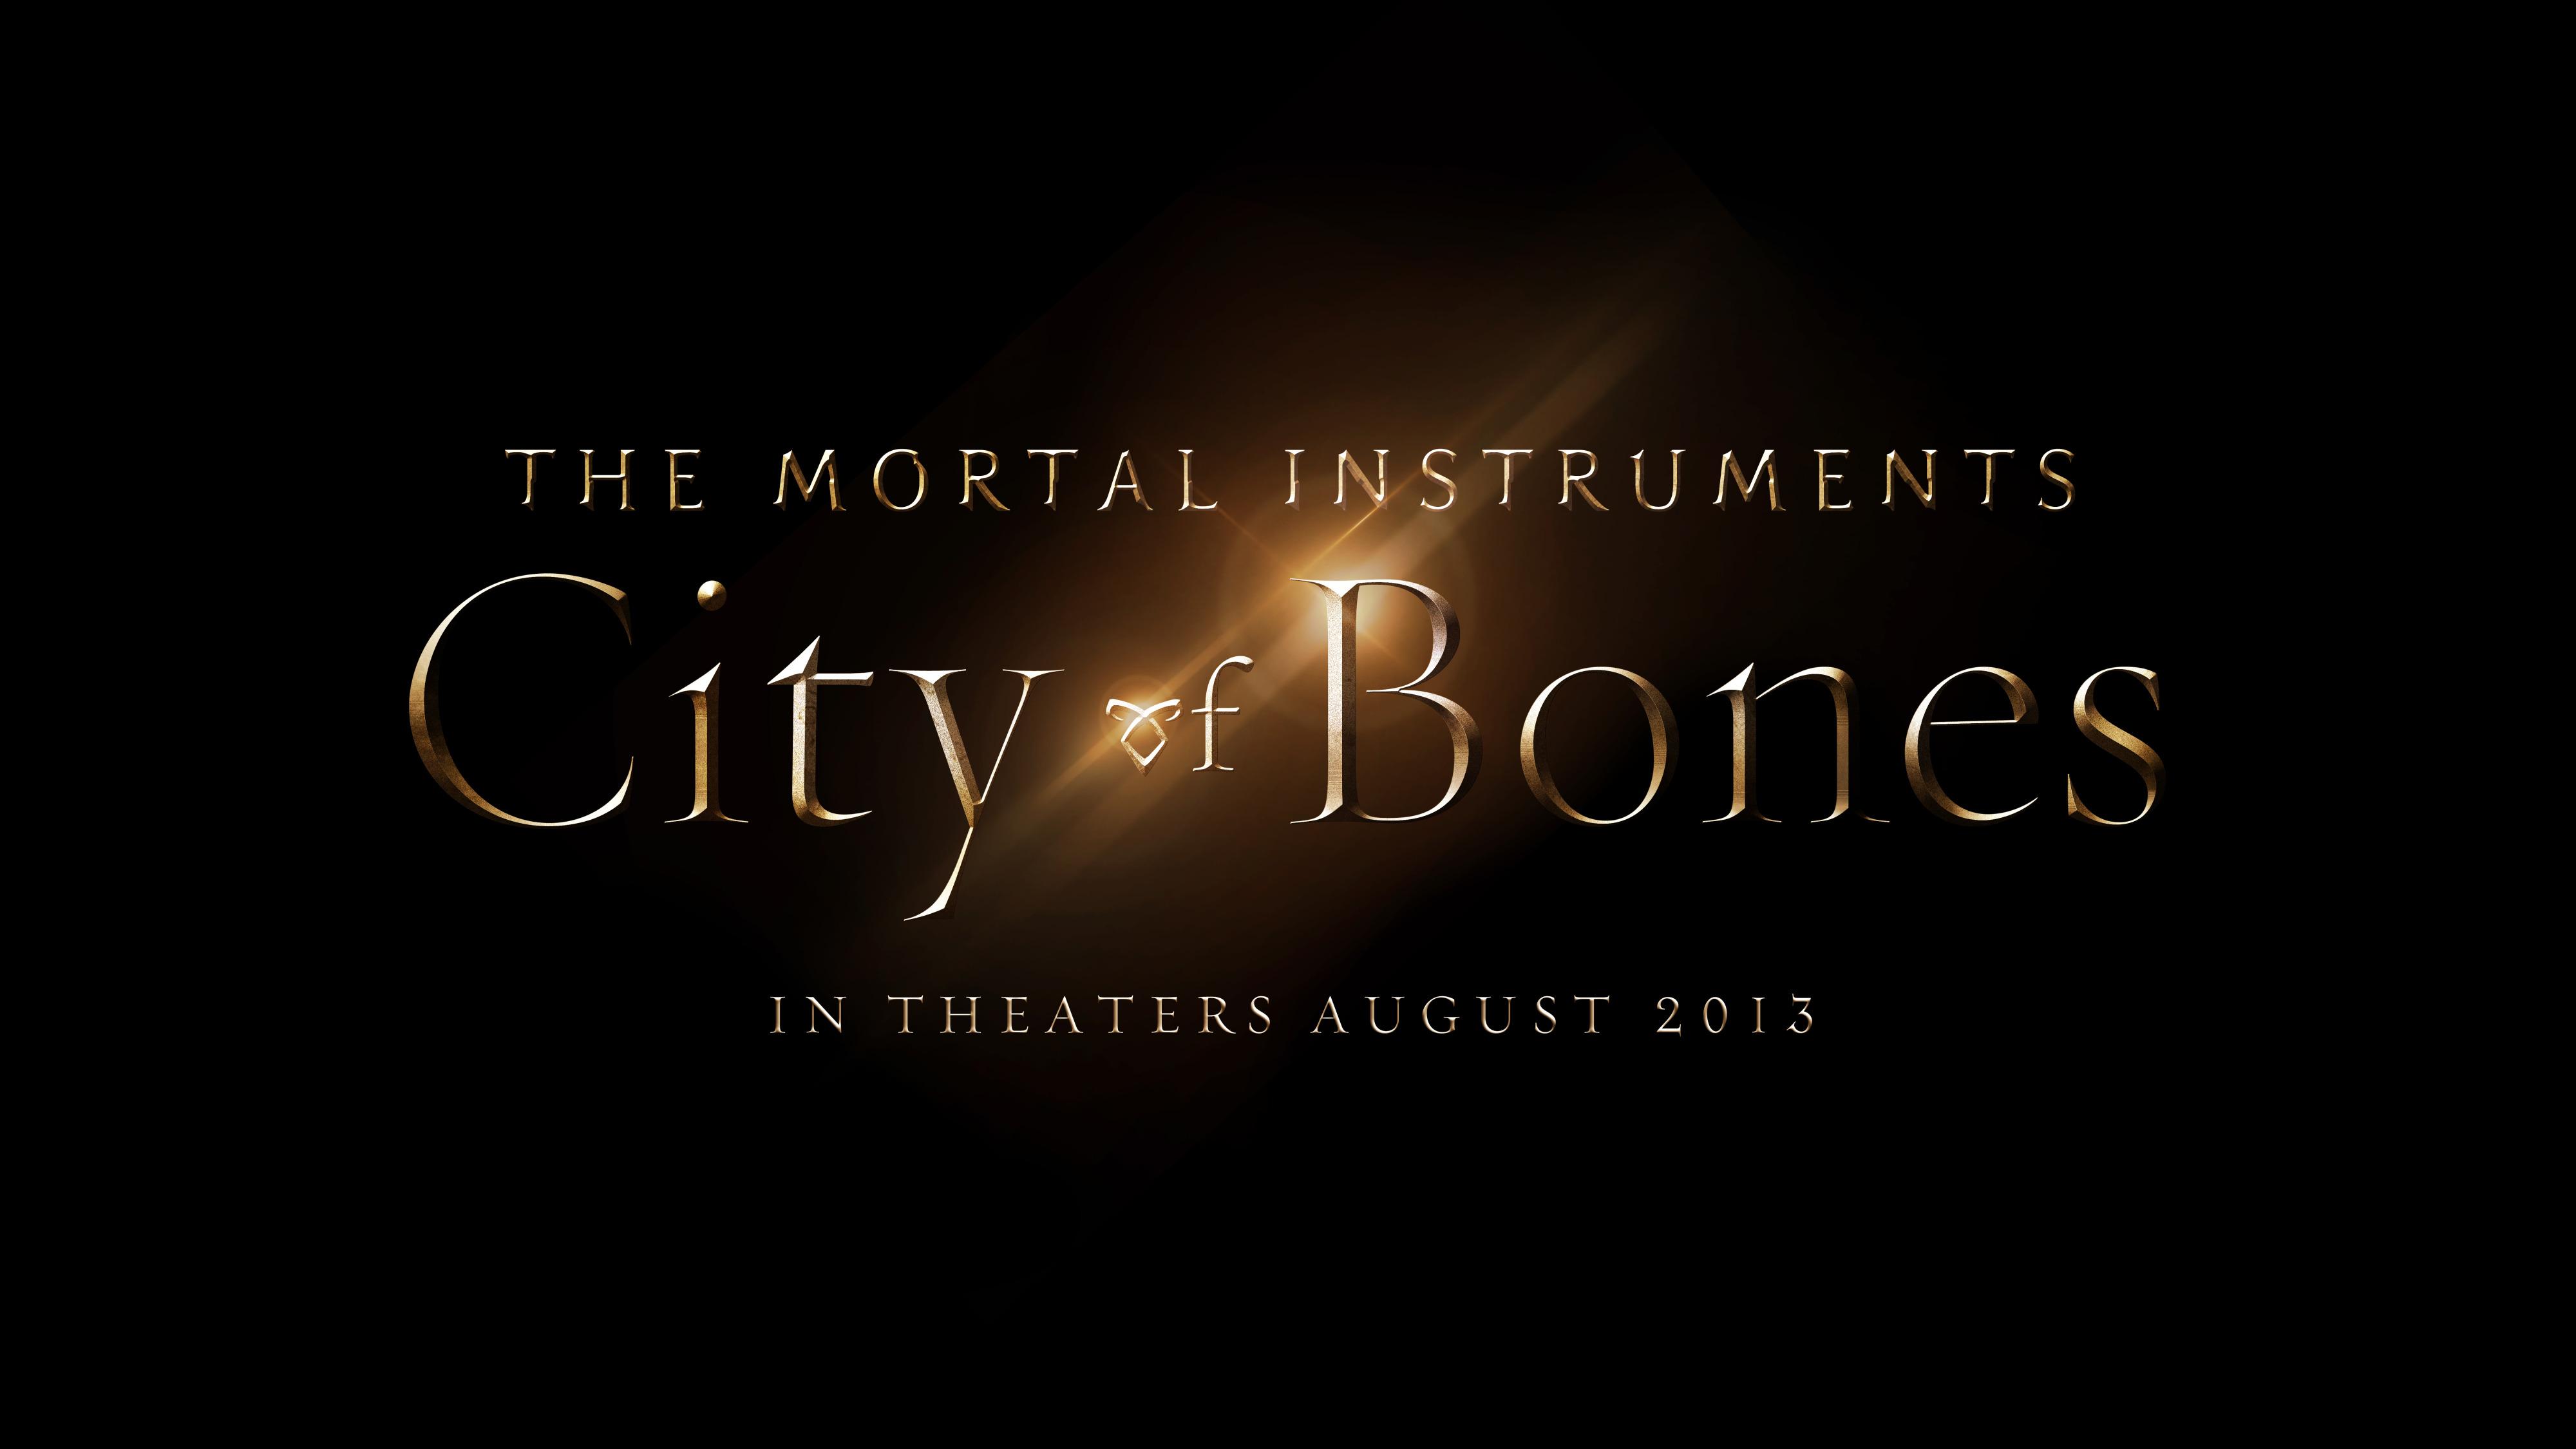 промо-слайды Орудия смерти: Город костей